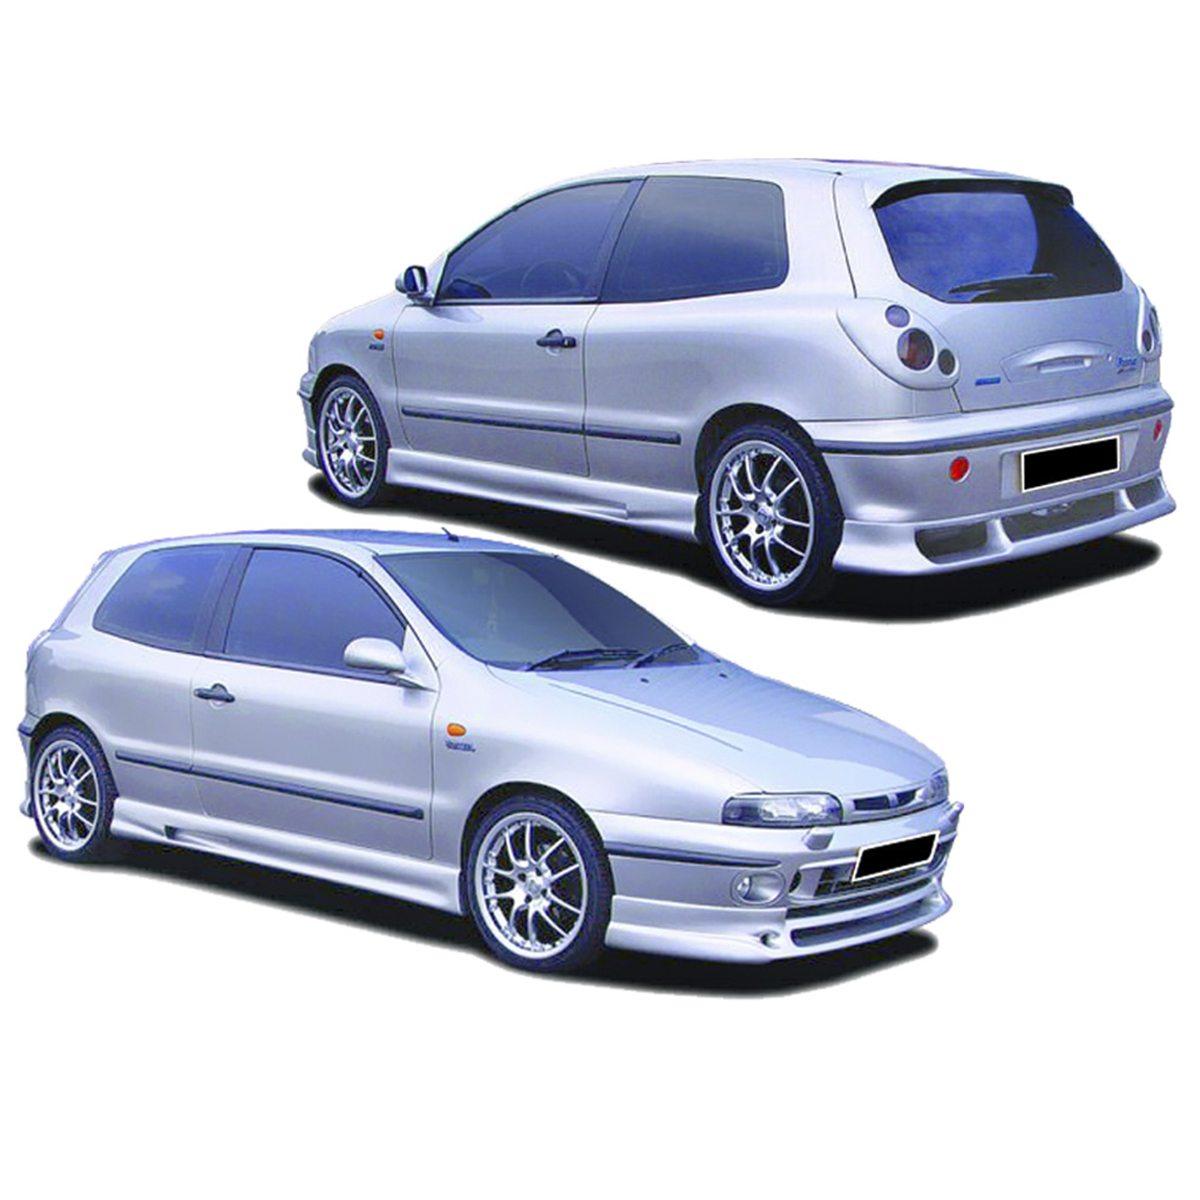 Fiat-Bravo-Speed-KIT-QTU211